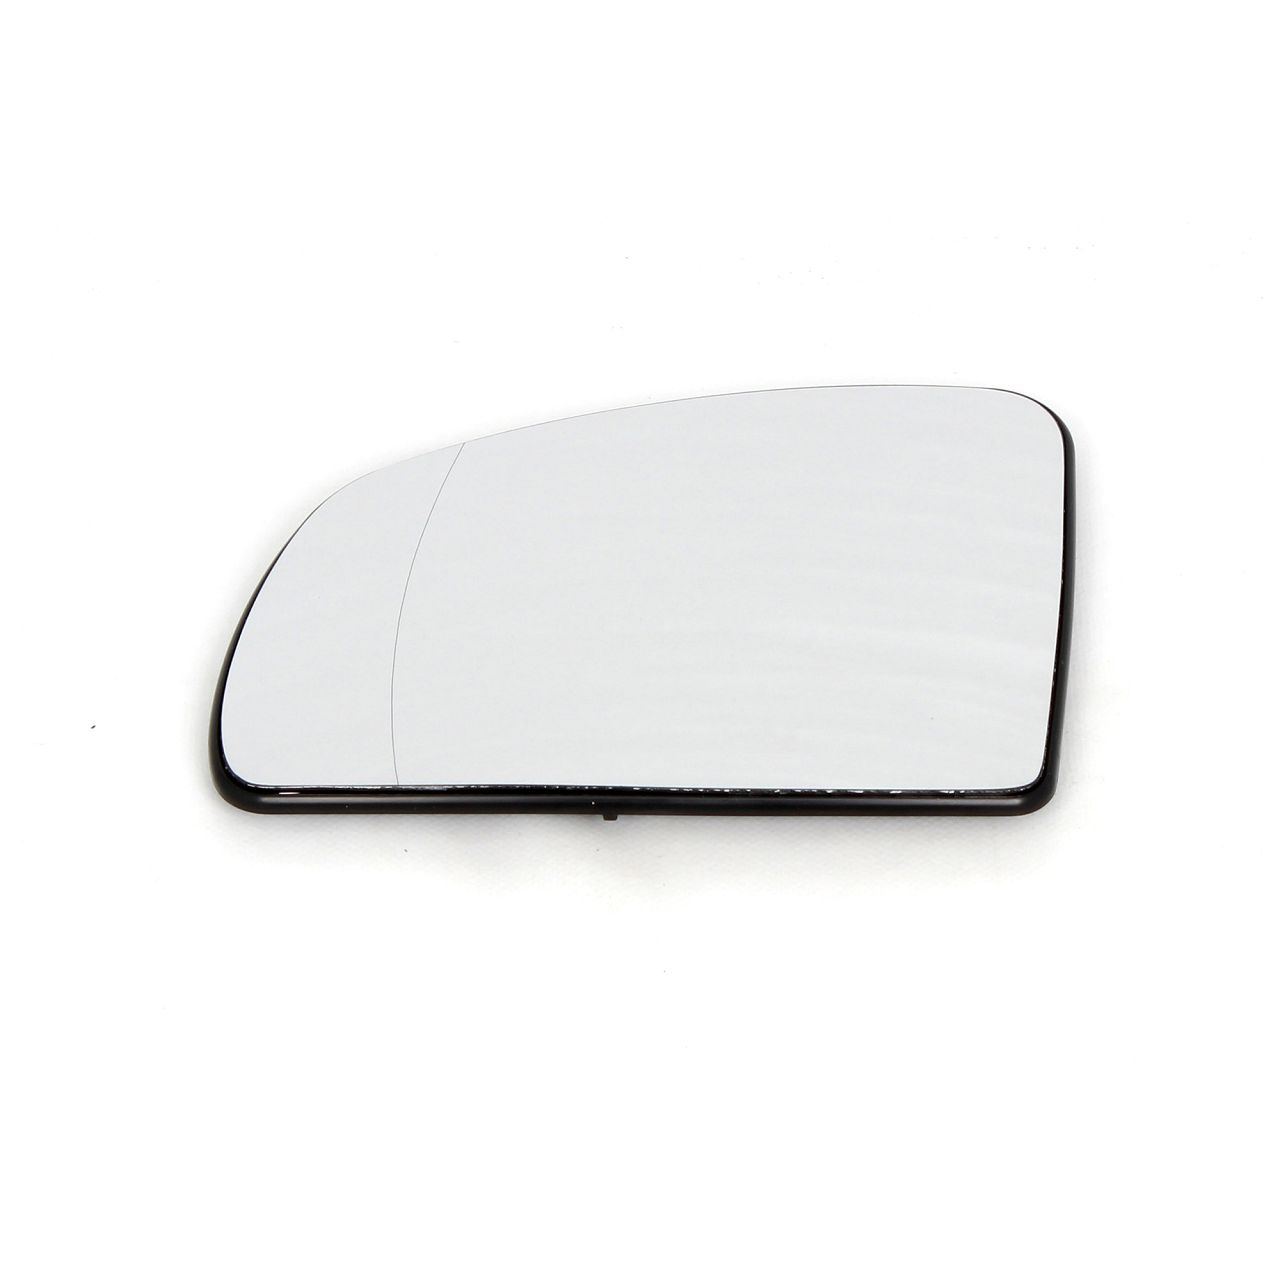 Außenspiegel Spiegelglas ELEKTRISCH für OPEL Meriva A links 6428777 / 13148962